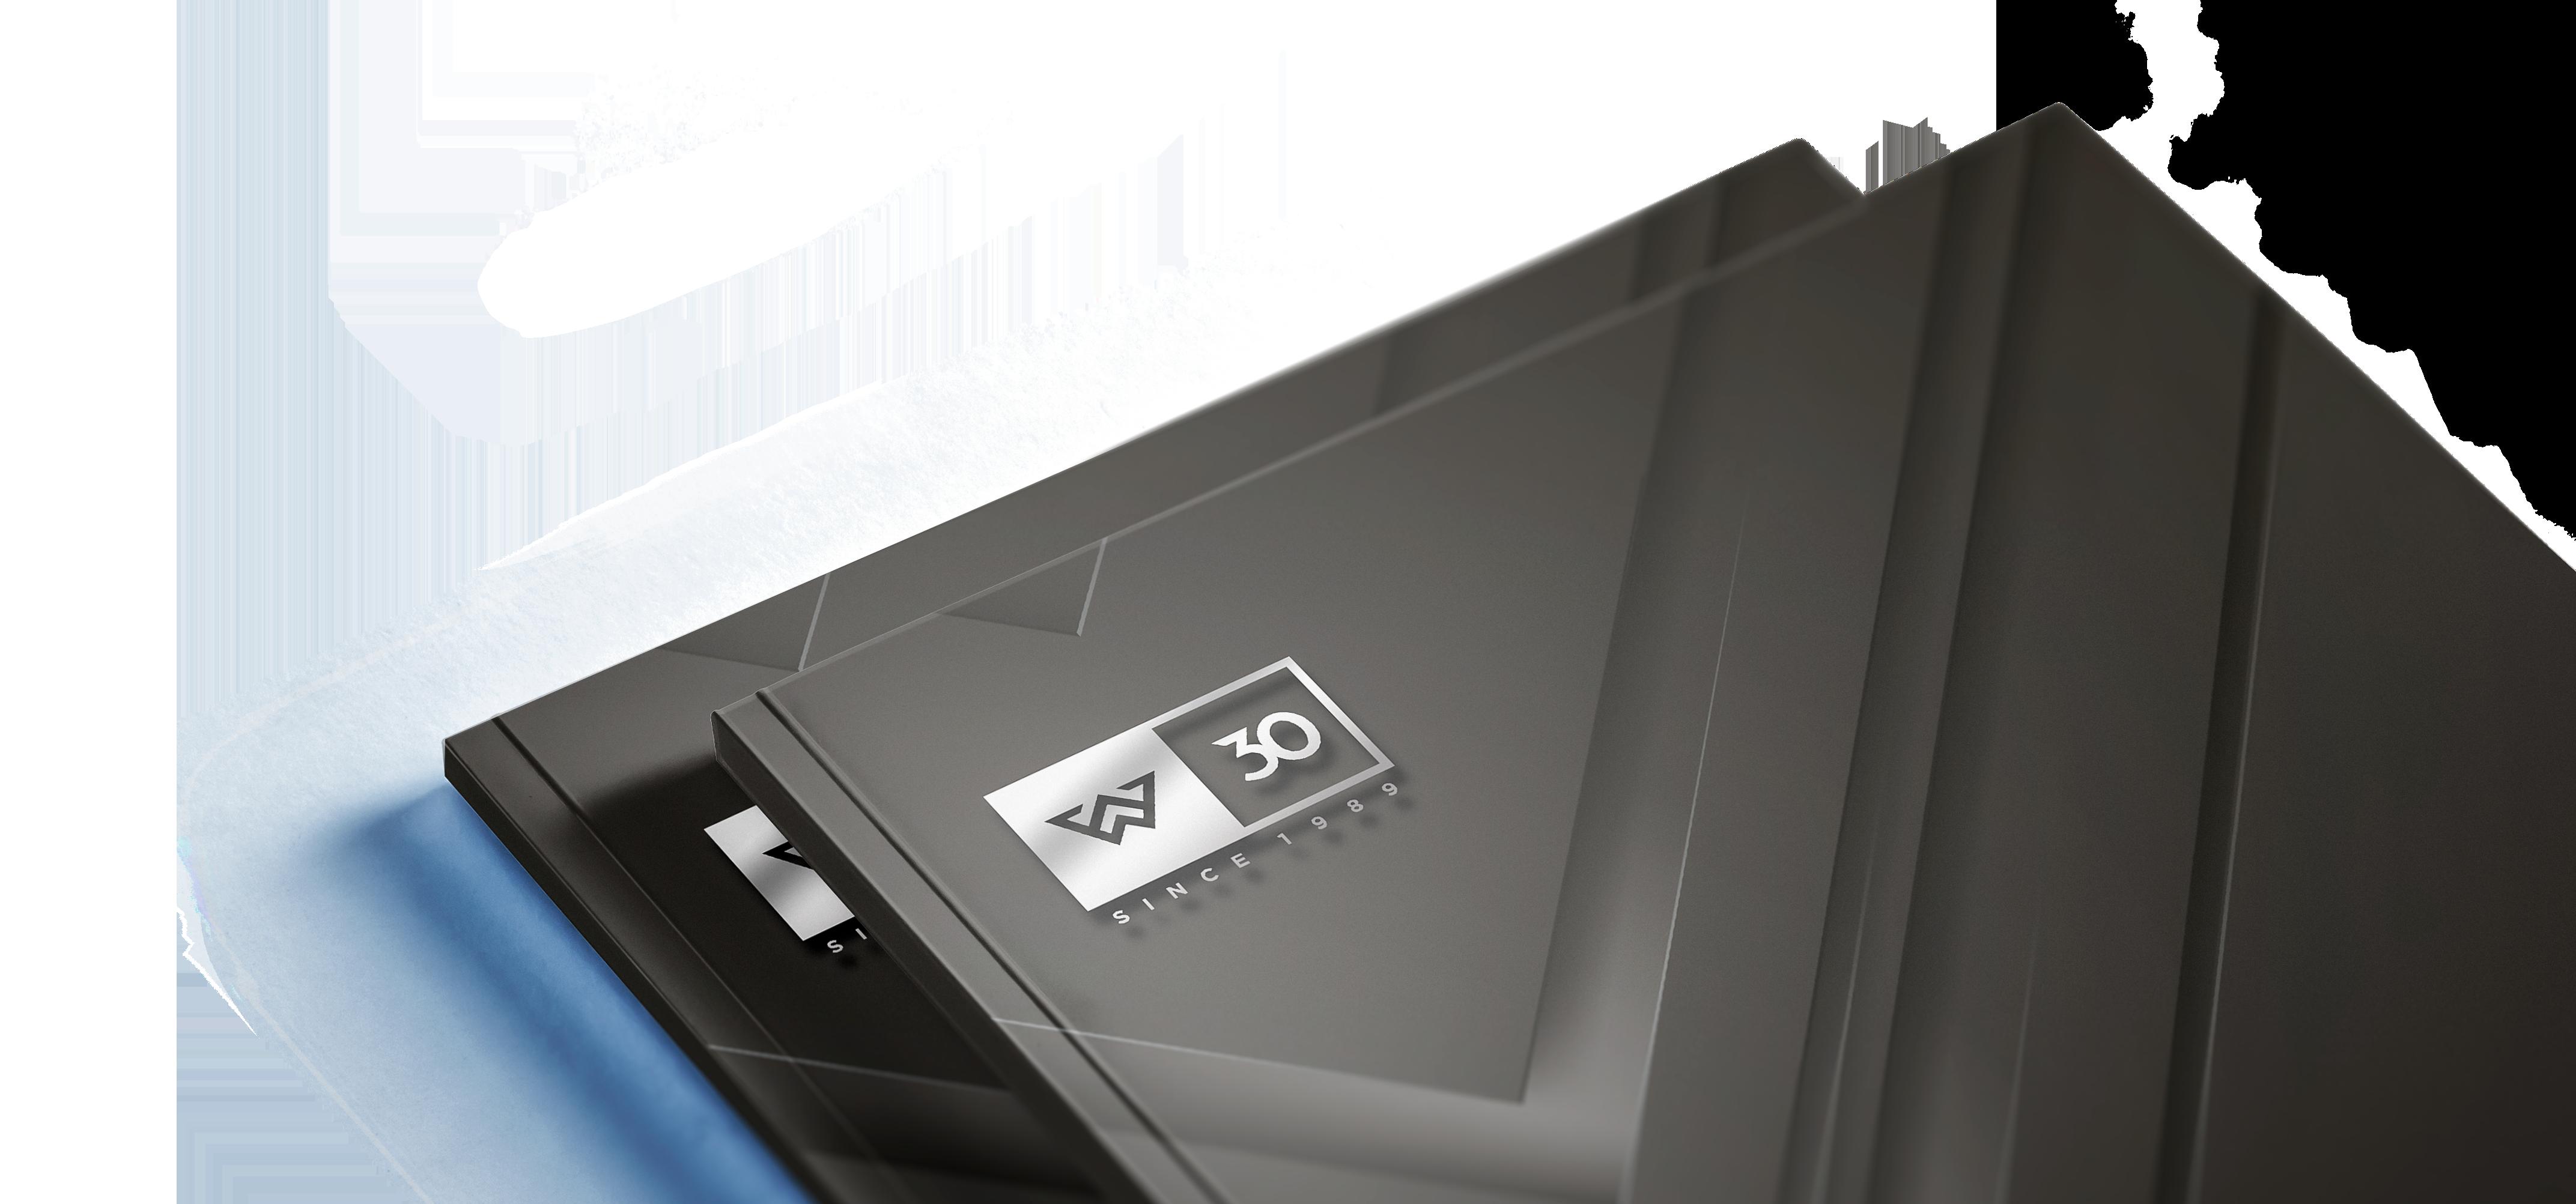 czarna okładka z napisem 3D